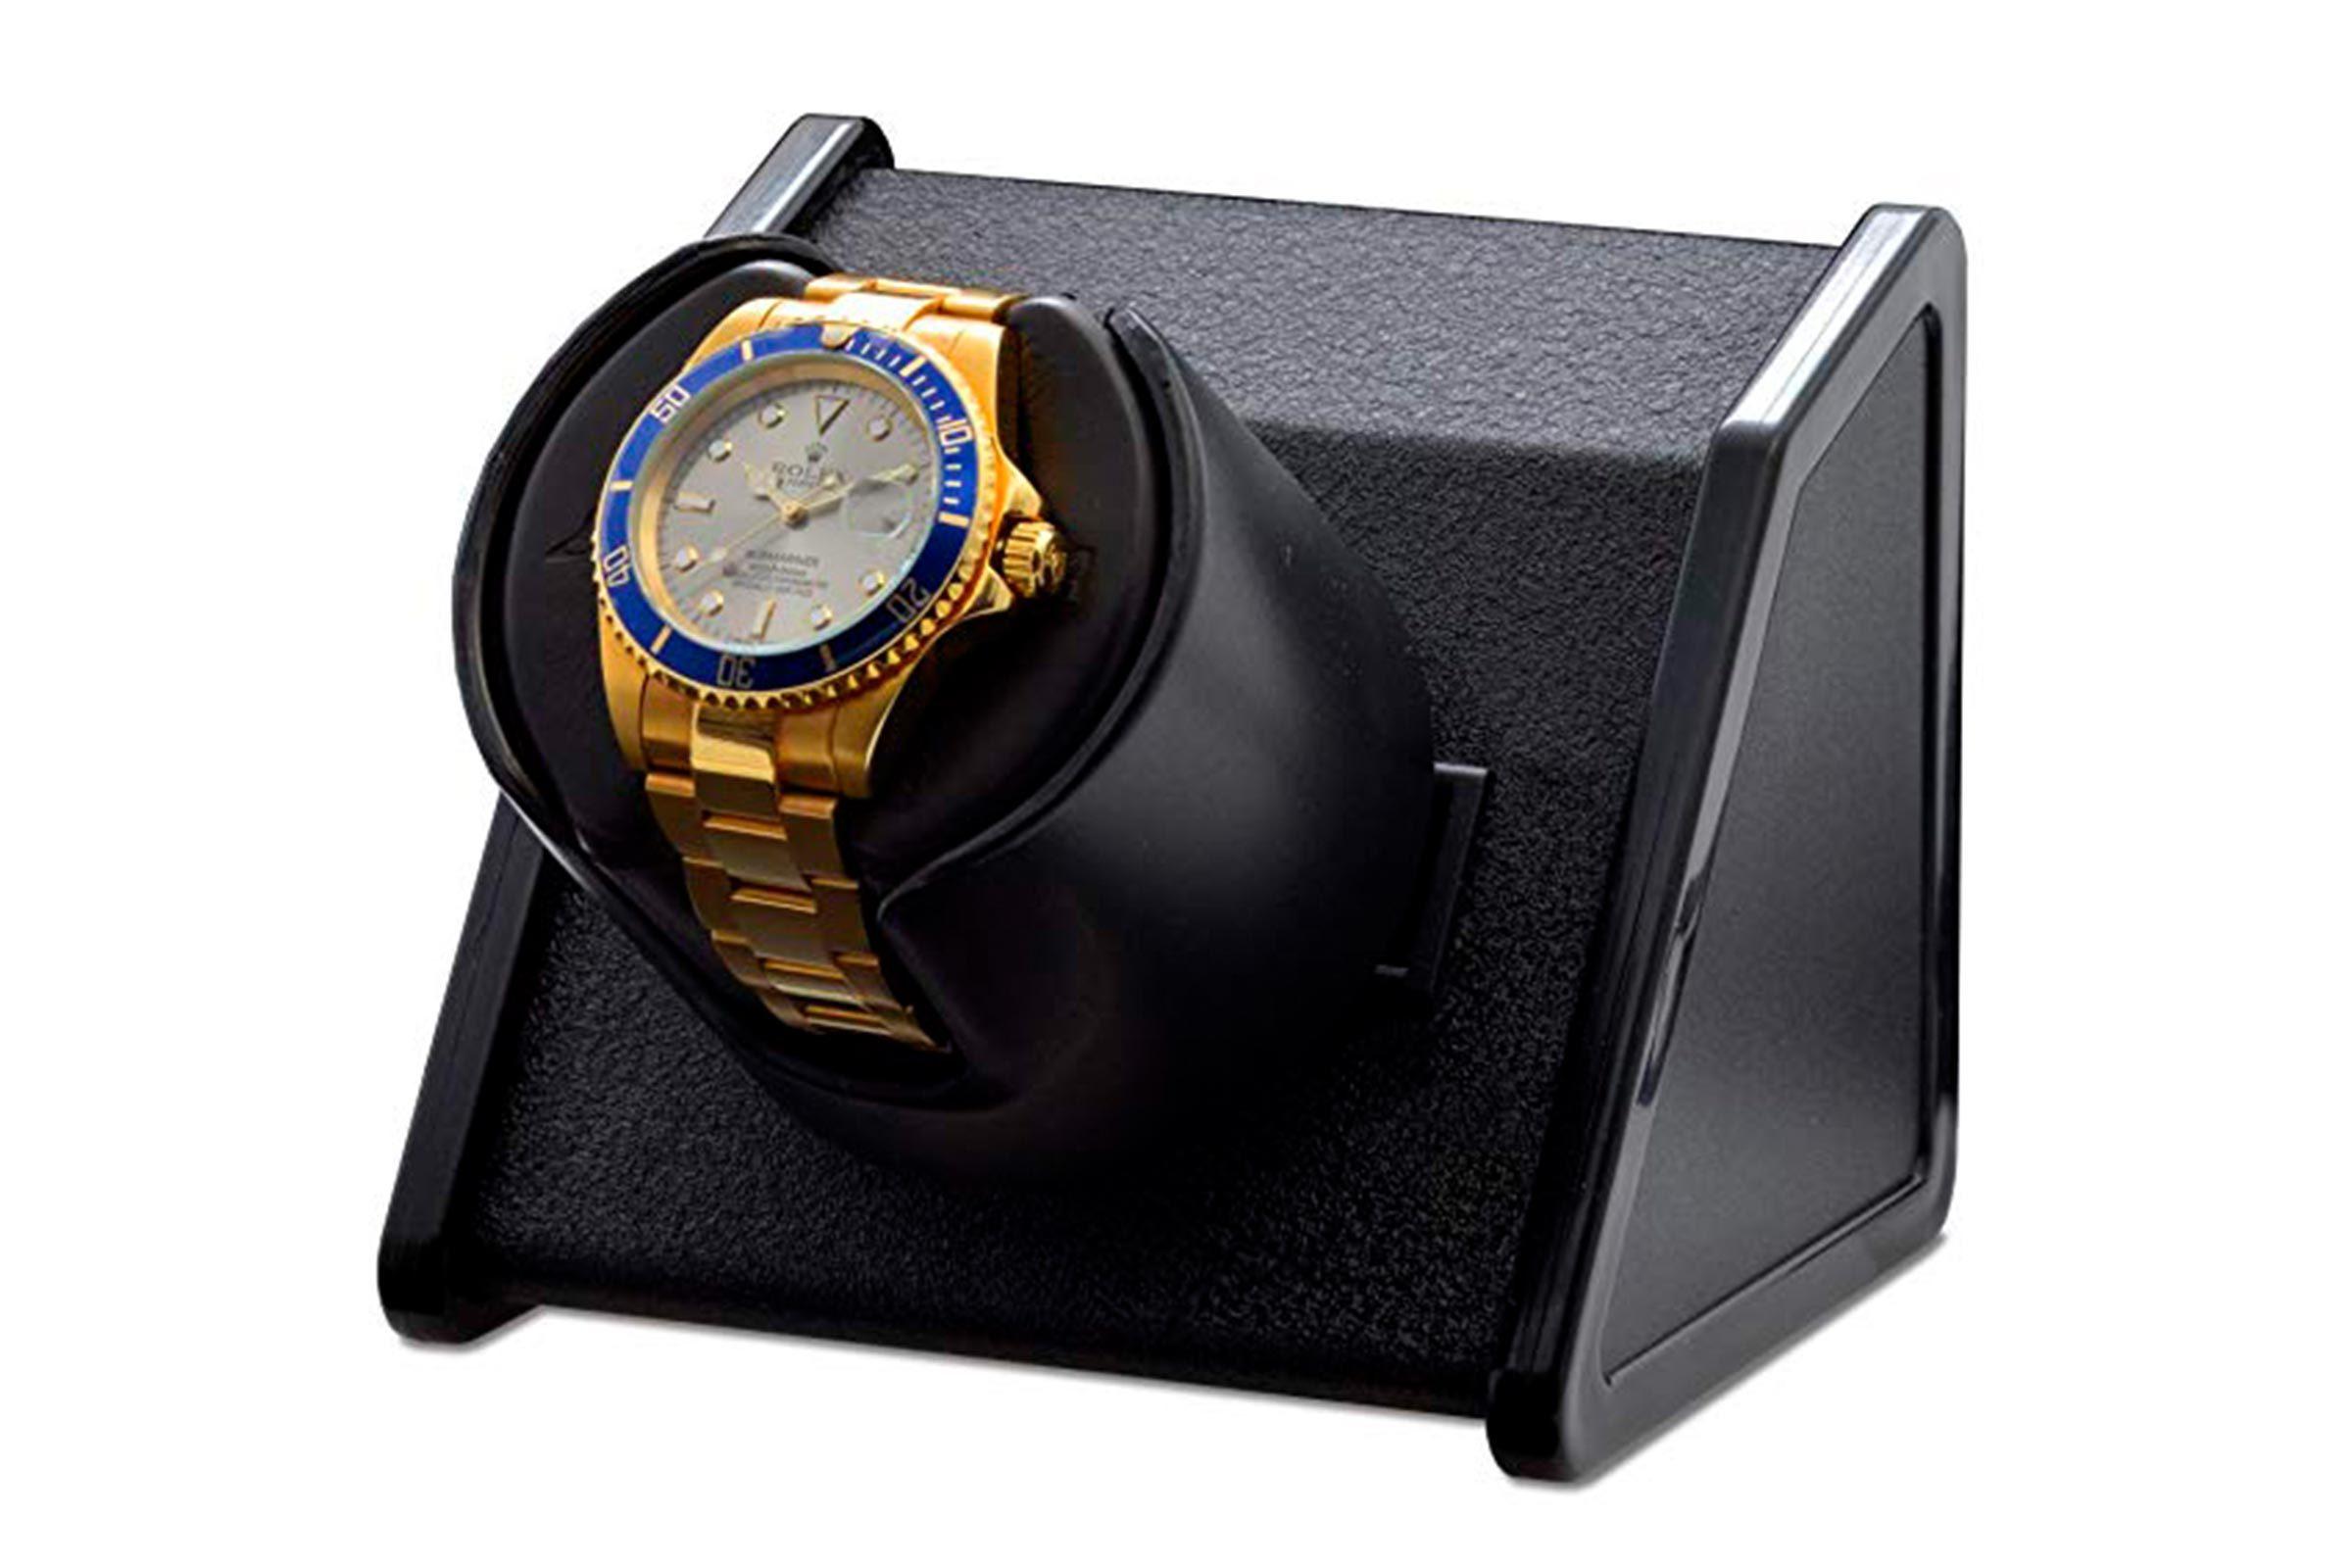 Orbita sparta watch